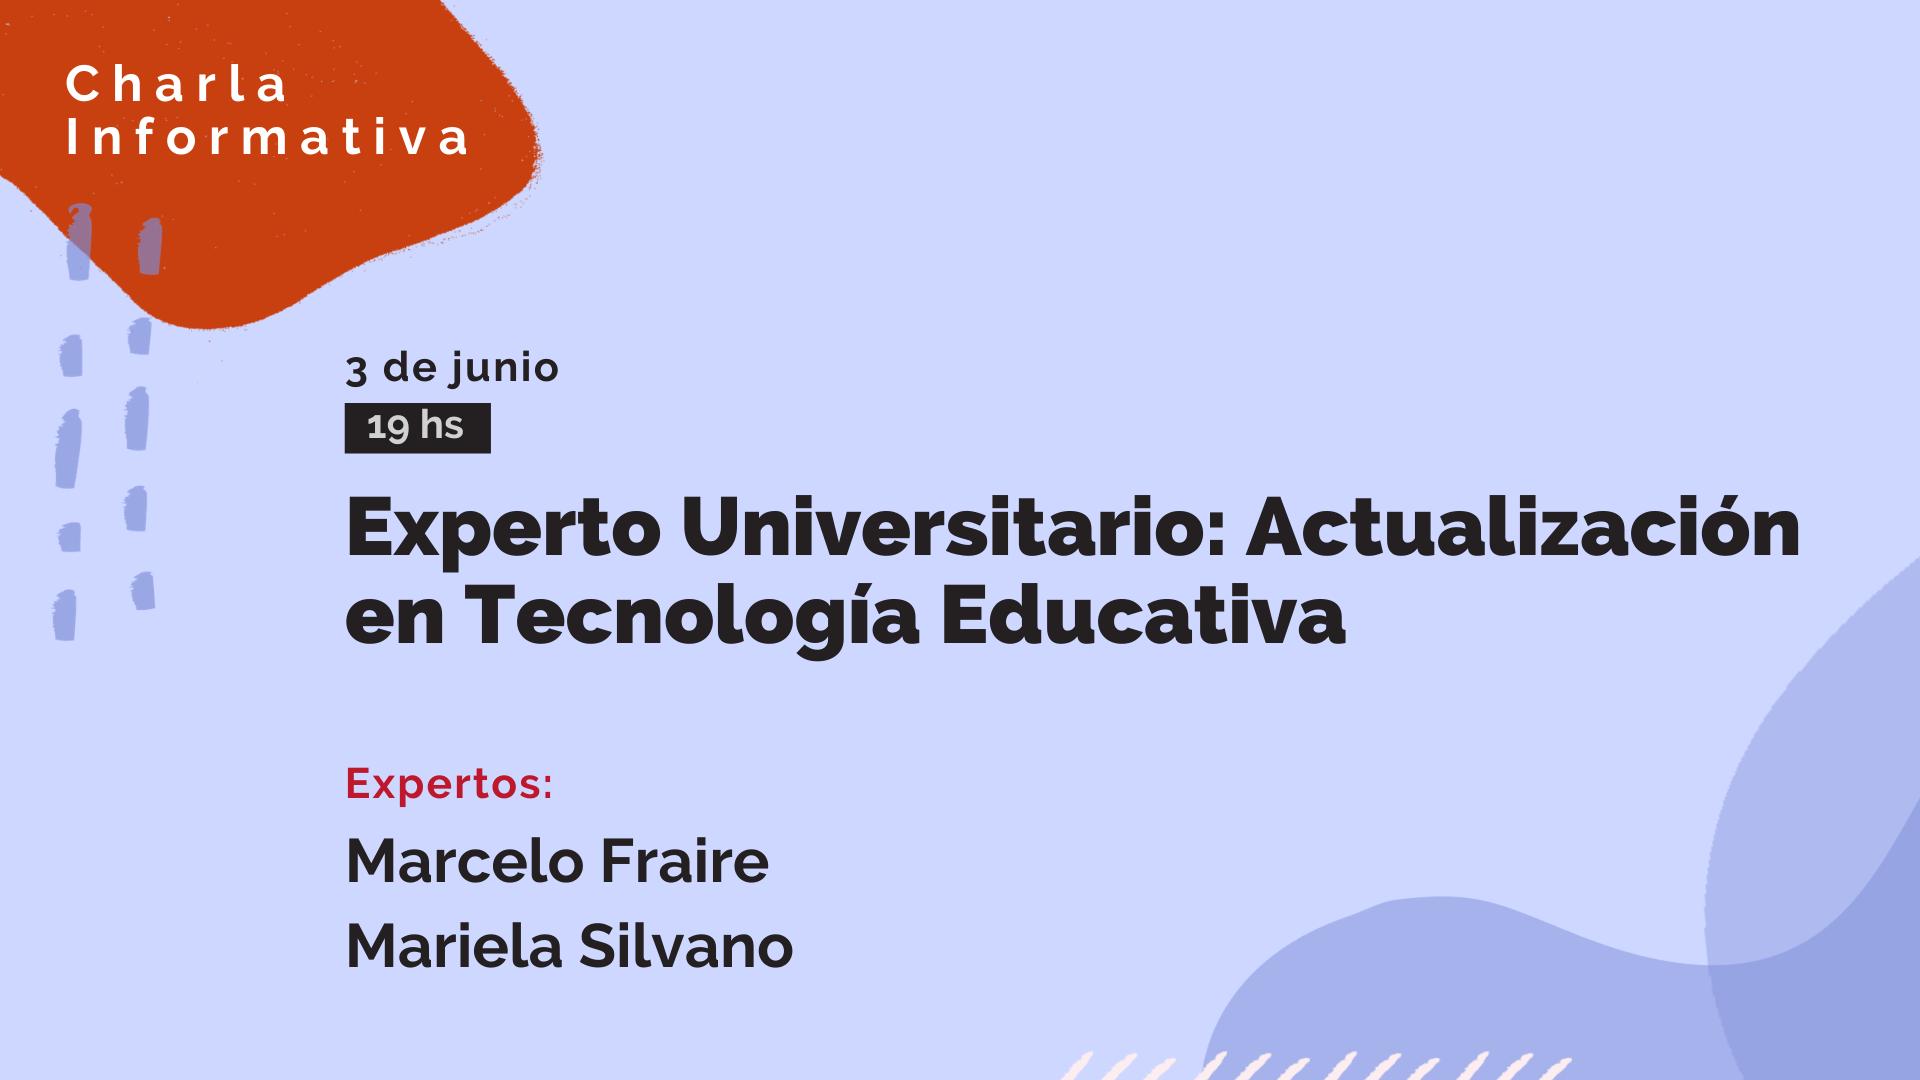 Experto Universitario Actualización en Tecnología Educativa